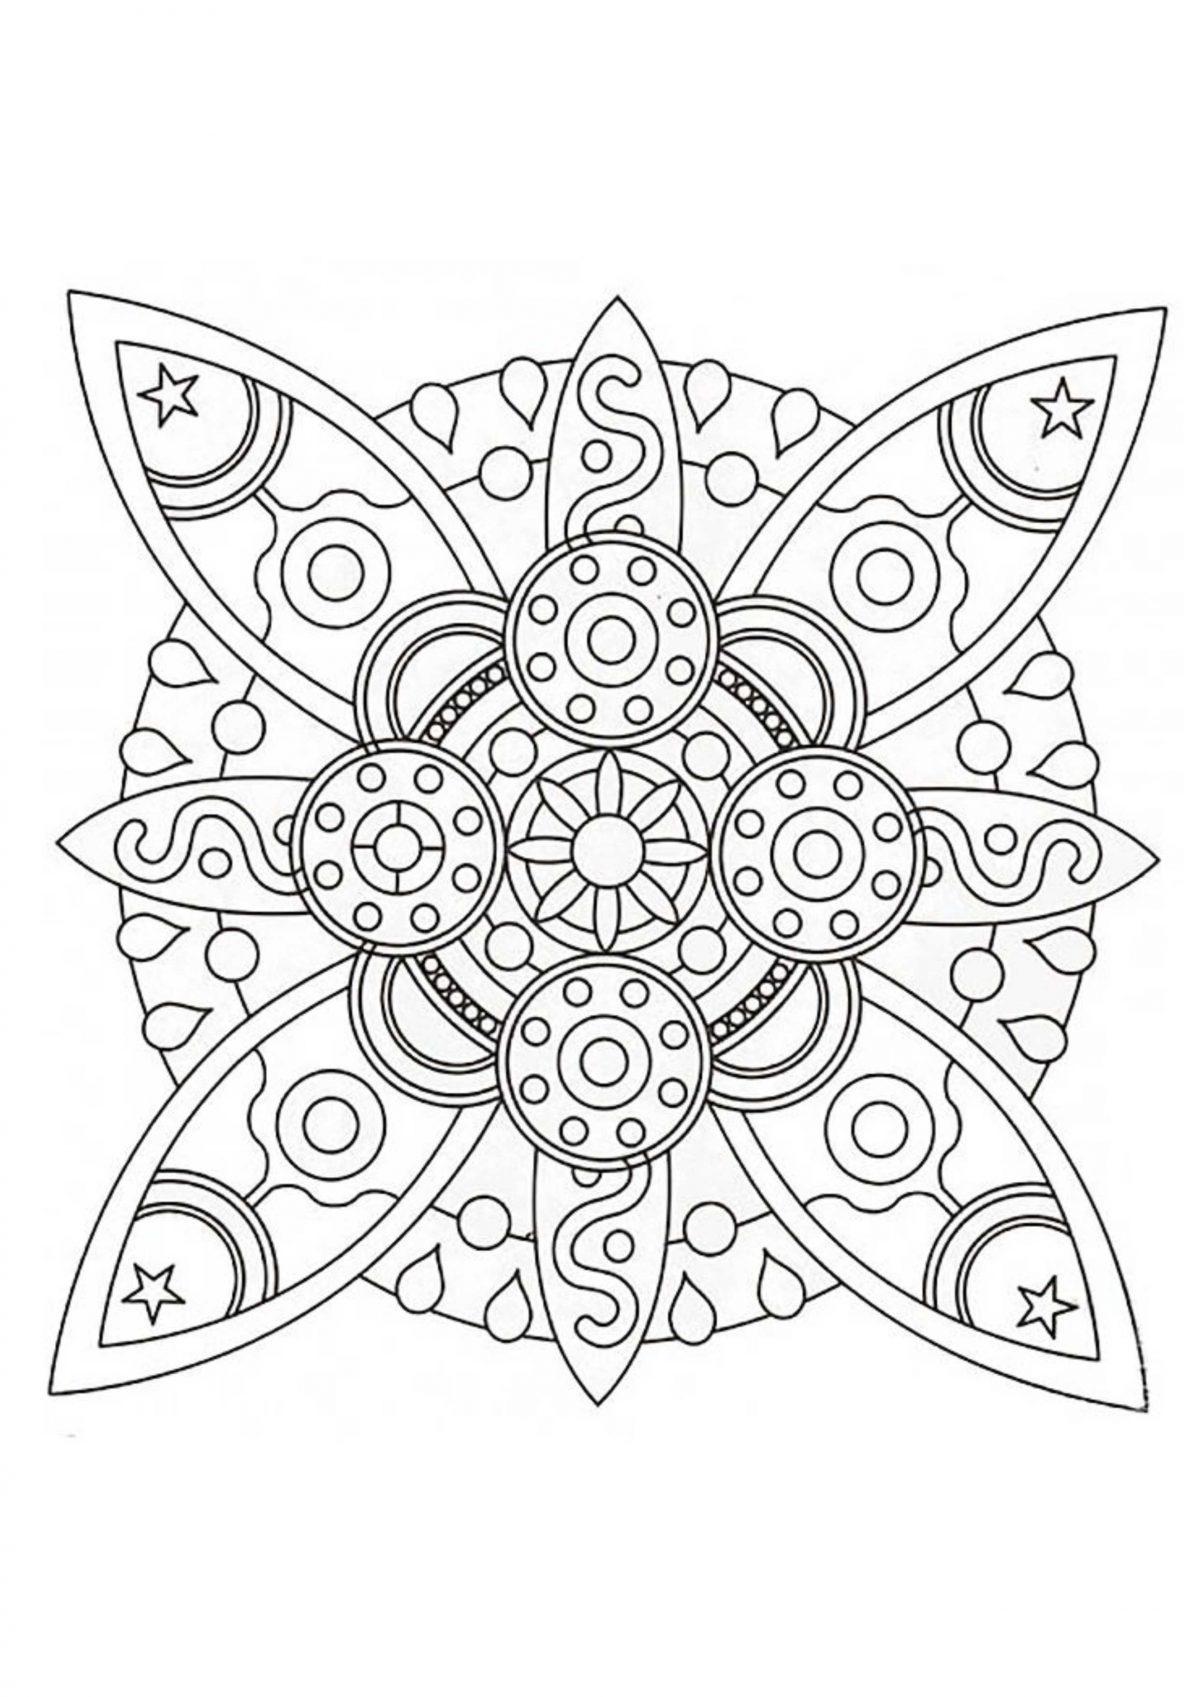 Раскраска антистресс круг с необычным узором - Раскраски ...